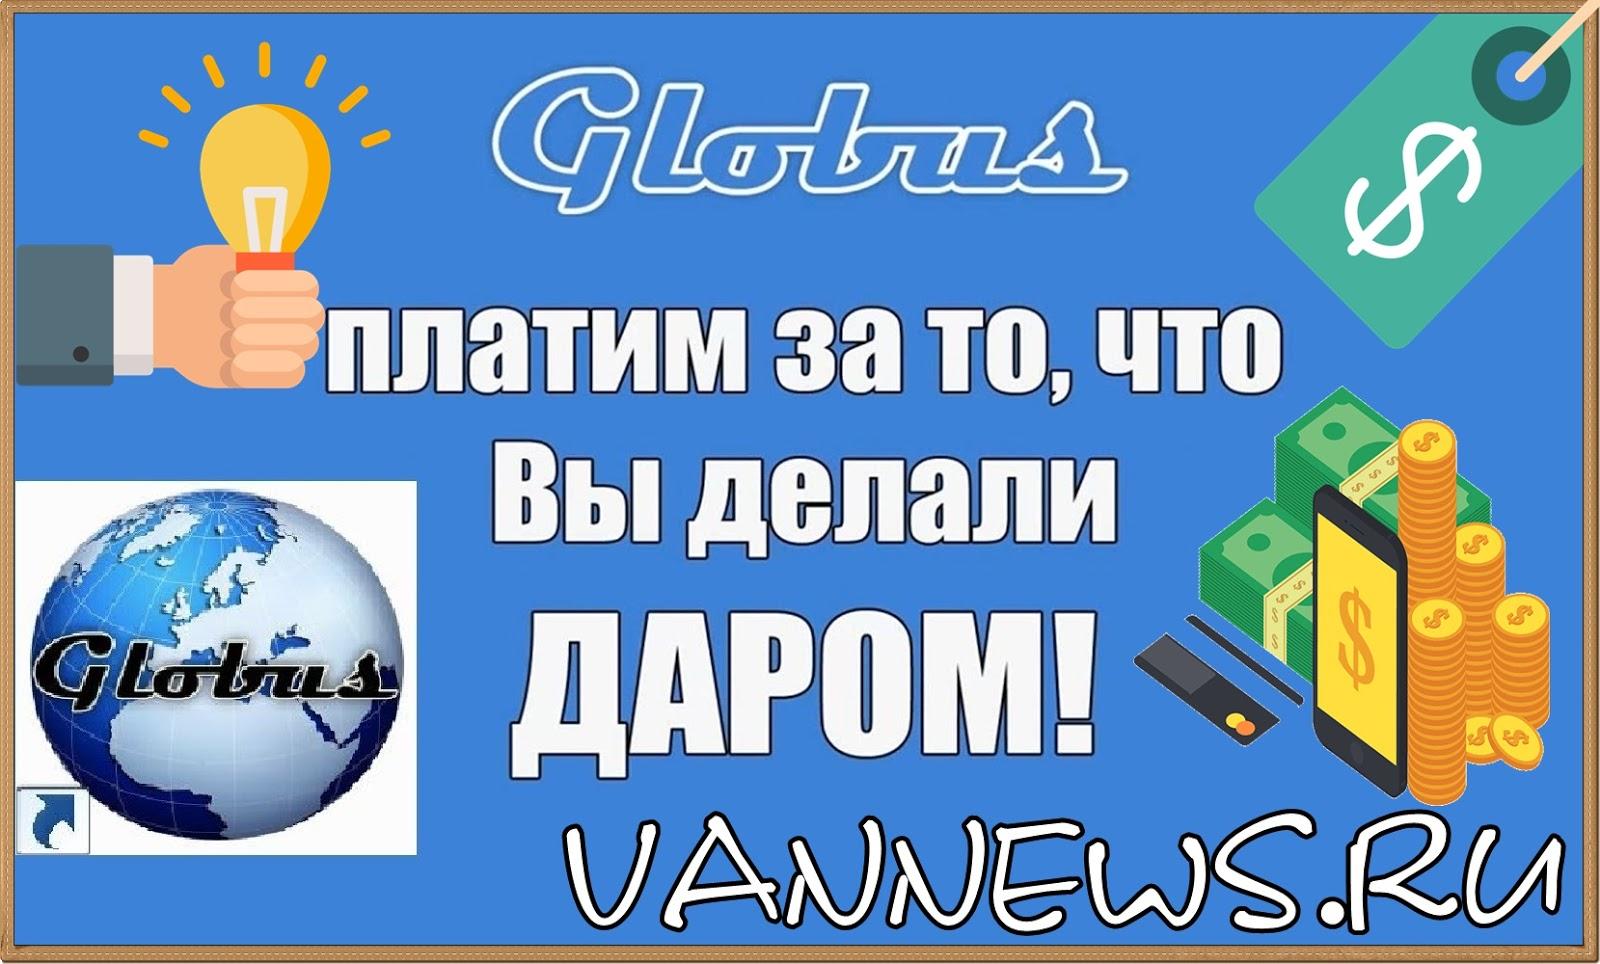 Globus Intercom - Начать зарабатывать легко.